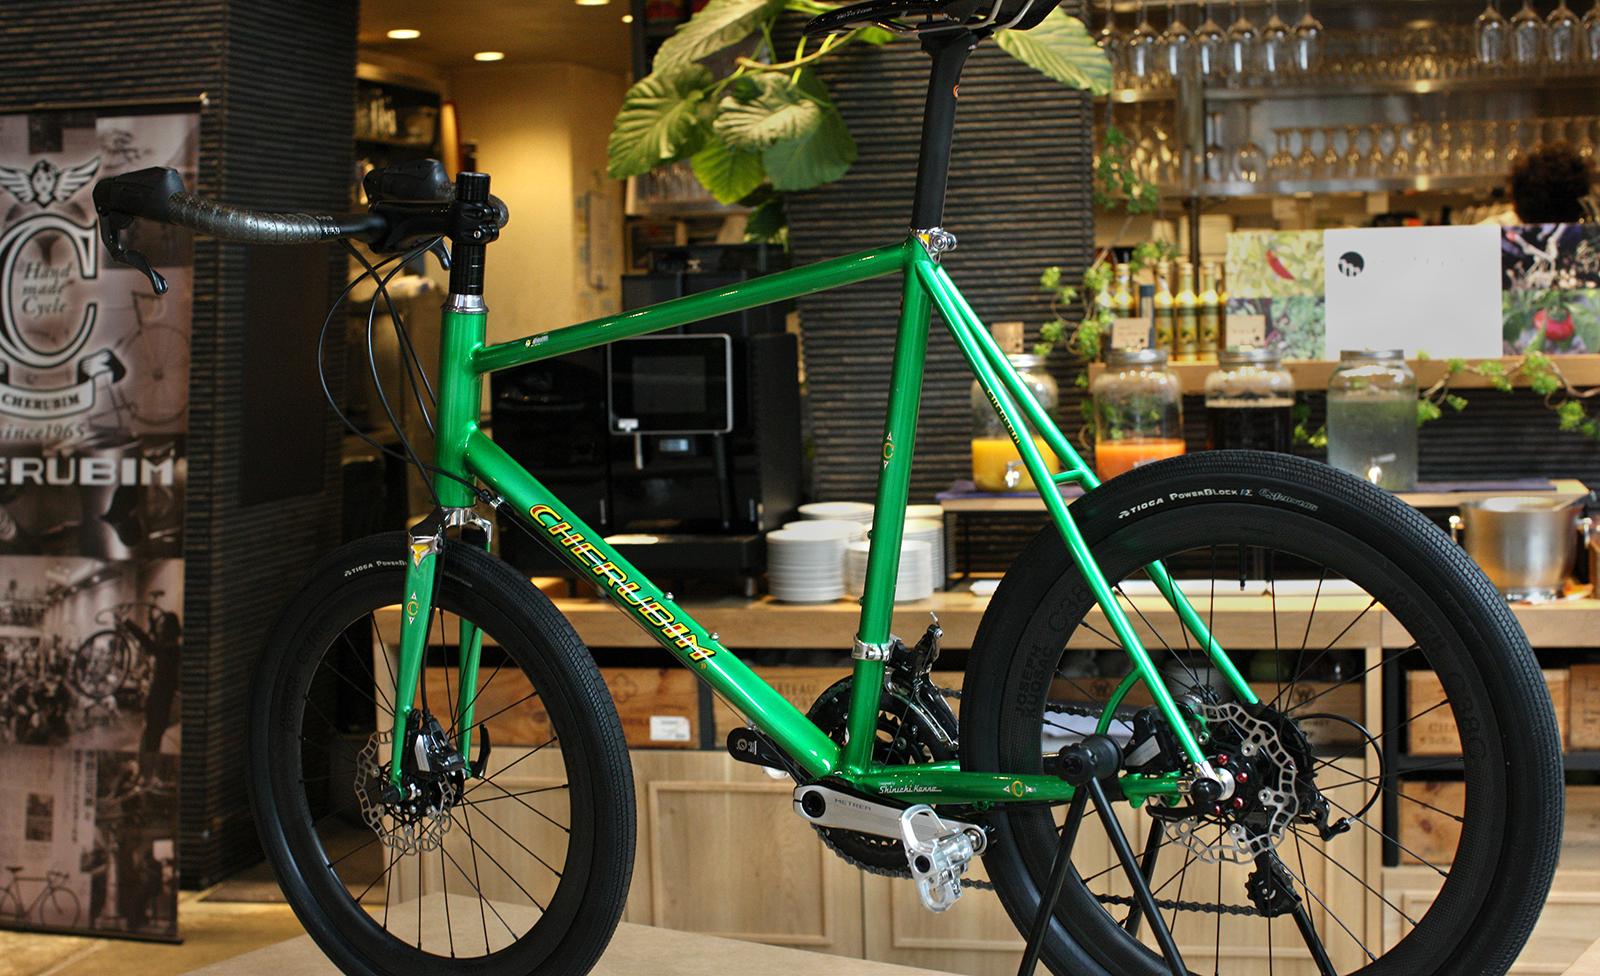 ミニベロはセカンドバイクや街乗り専用ではない CHERUBIMの考える競技志向のミニベロ「CR」